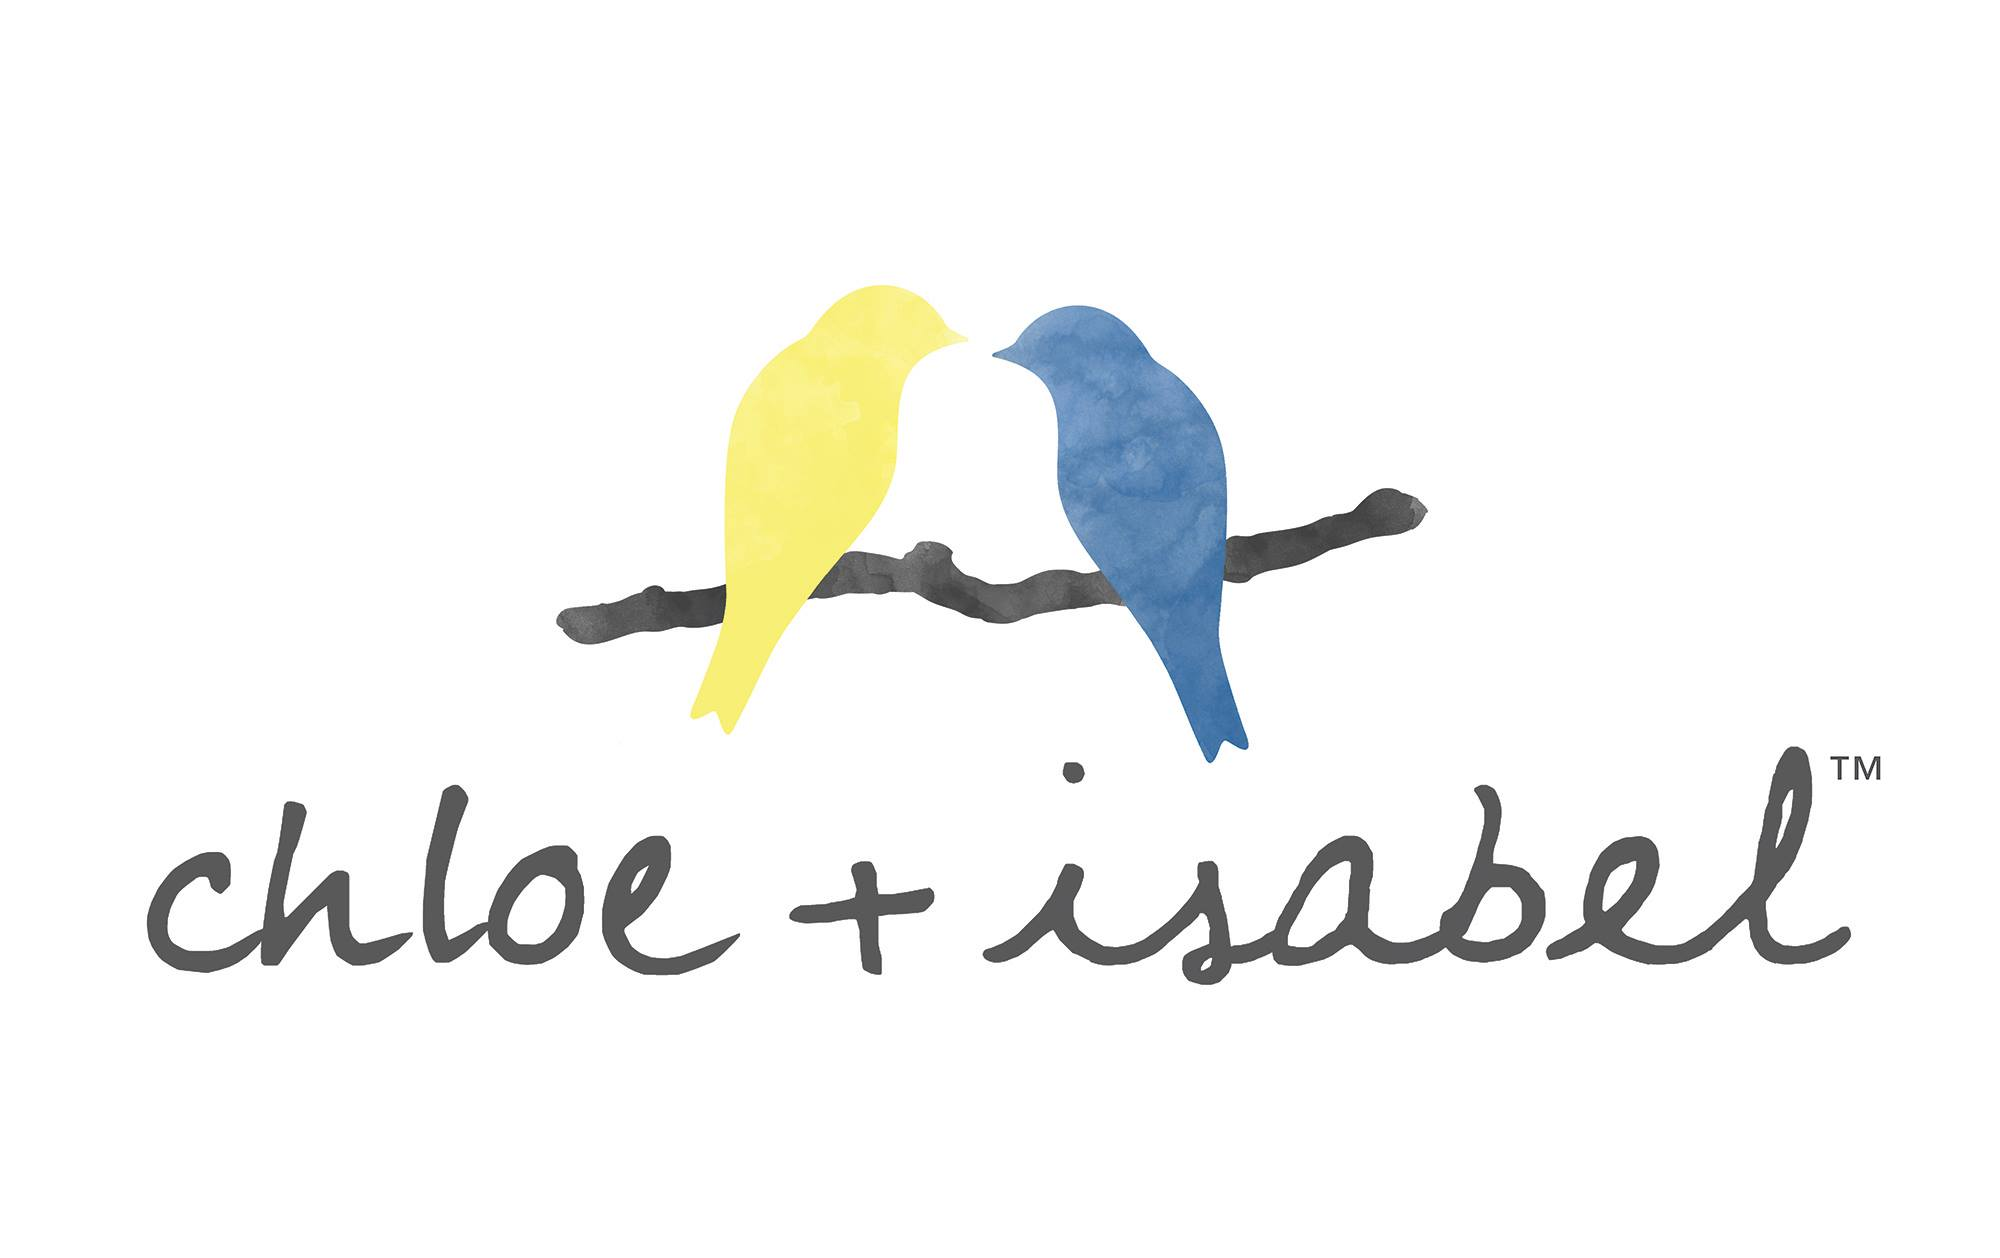 chloe + isabel - logo